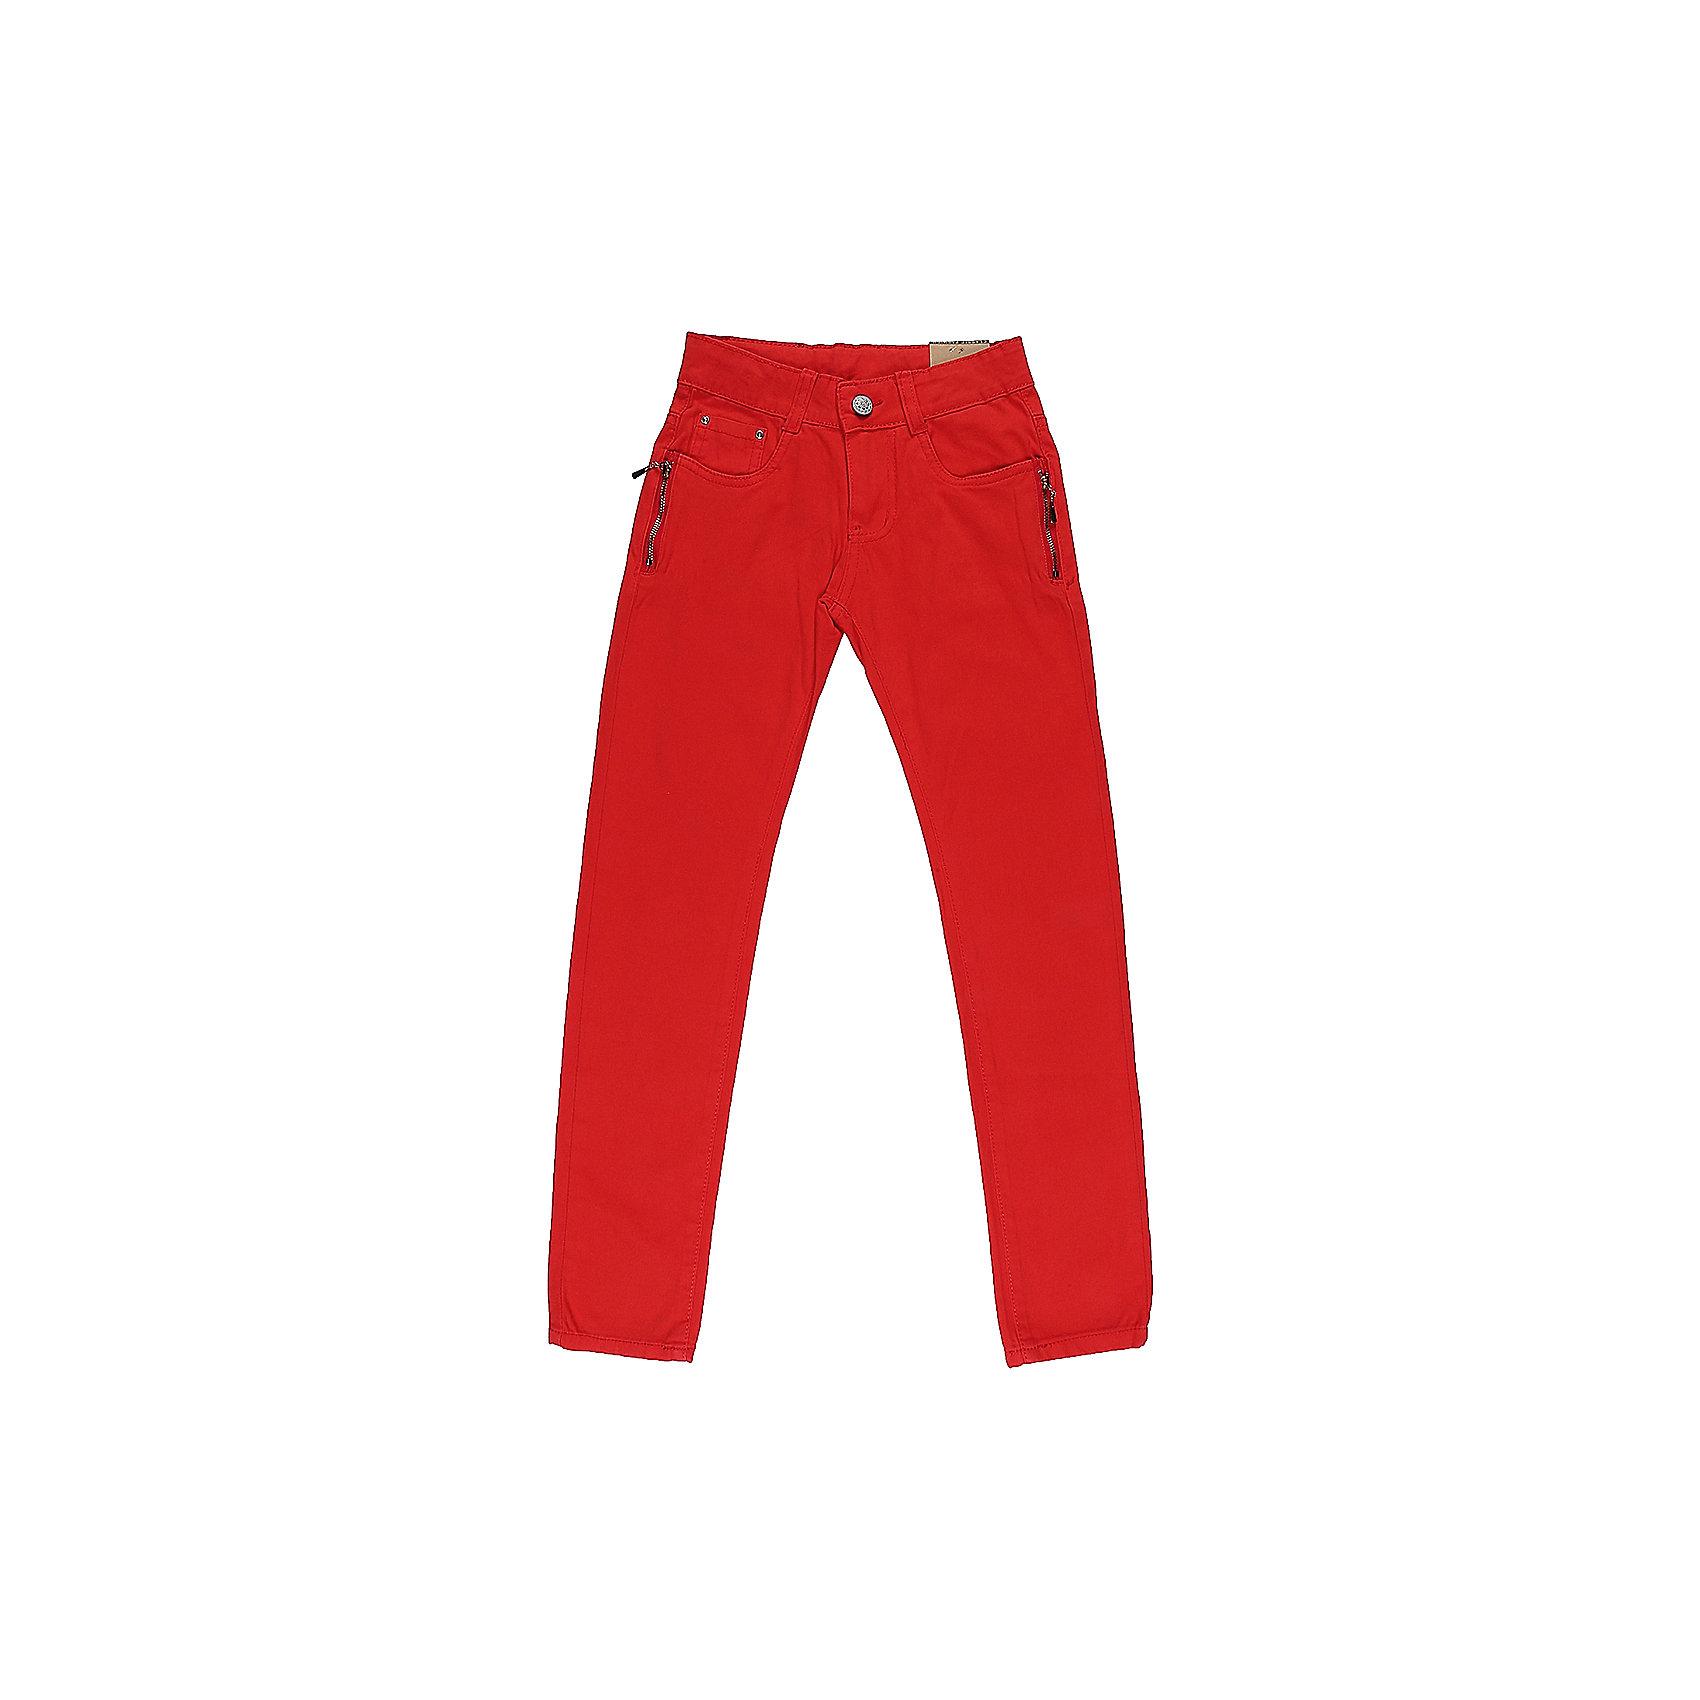 Брюки для девочки LuminosoБрюки<br>Яркие джинсовые брюки для девочки Декорированые двумя молниями по бокам карманов. Зауженный крой. Застегиваются на молнию и пуговицу. Шлевки на поясе рассчитаны под ремень. В боковой части пояса находятся вшитые эластичные ленты, регулирующие посадку по талии.<br>Состав:<br>98%хлопок 2%эластан<br><br>Ширина мм: 215<br>Глубина мм: 88<br>Высота мм: 191<br>Вес г: 336<br>Цвет: красный<br>Возраст от месяцев: 132<br>Возраст до месяцев: 144<br>Пол: Женский<br>Возраст: Детский<br>Размер: 152,140,146,158,164,134<br>SKU: 5413333